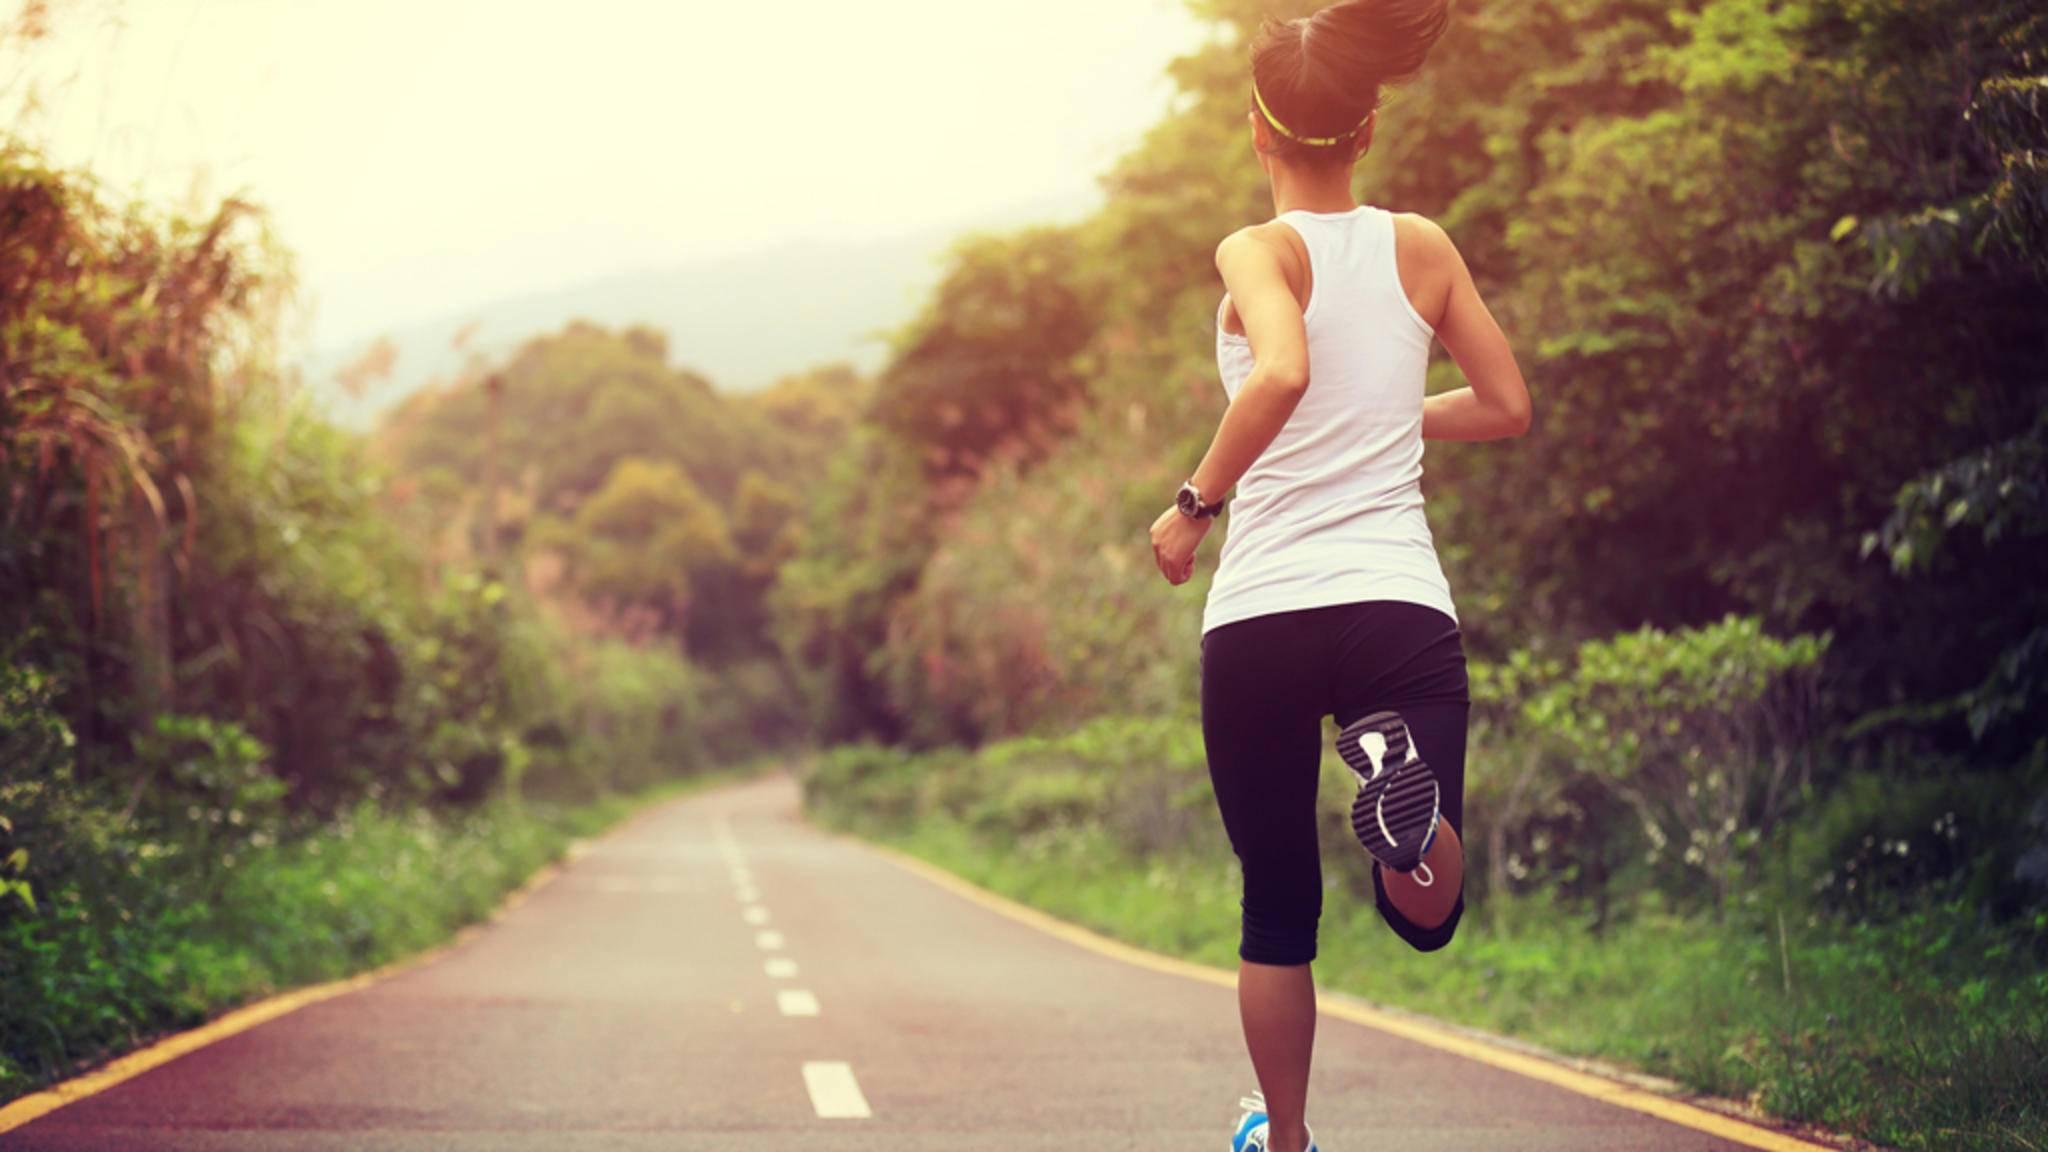 Beim Laufen lässt sich die Intensität des eigenen Trainings besonders gut steuern.